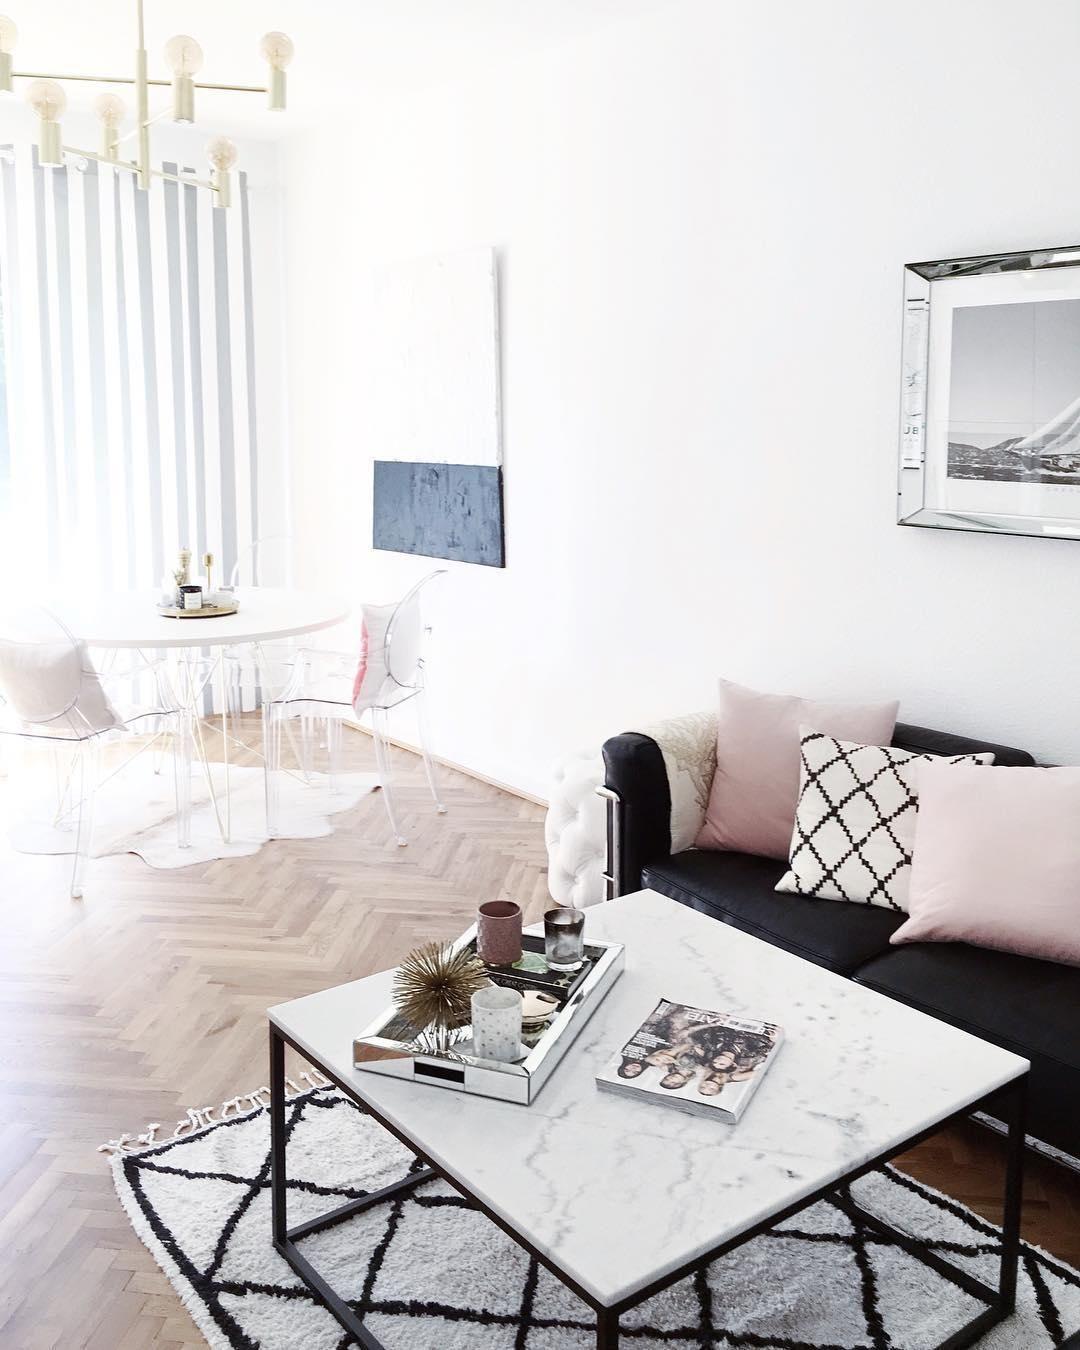 Delightful Einfache Dekoration Und Mobel Bodengestaltung Mit Designer Teppichen #1: Deko-Objekt Marball